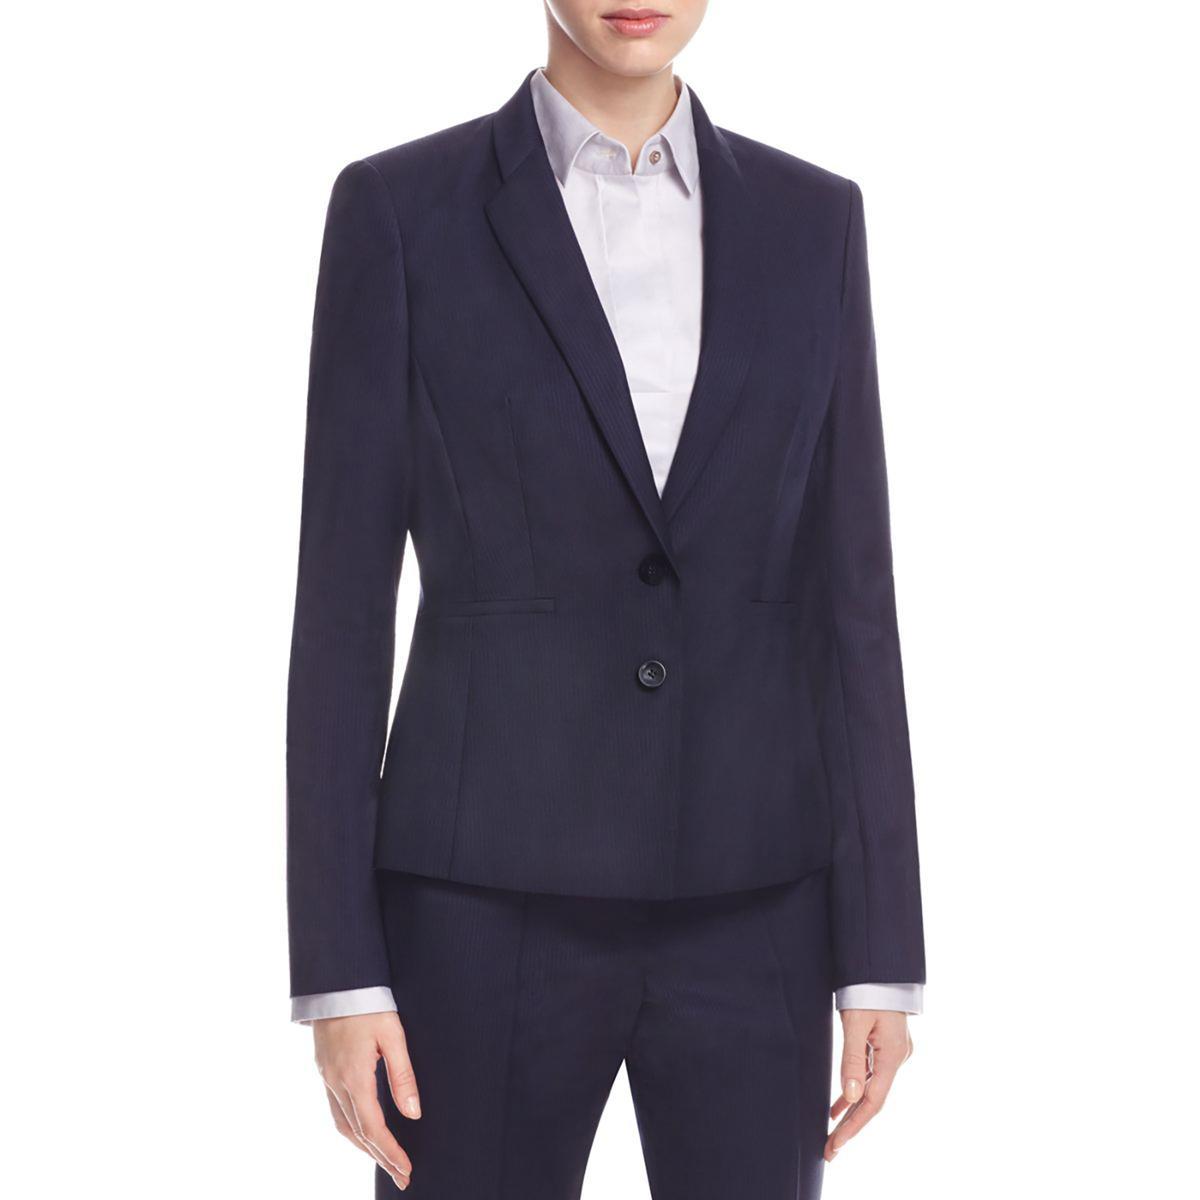 Details about BOSS Hugo Boss Womens Navy Pinstripe Double Button Blazer  Jacket 10 BHFO 3125 da7e6d350